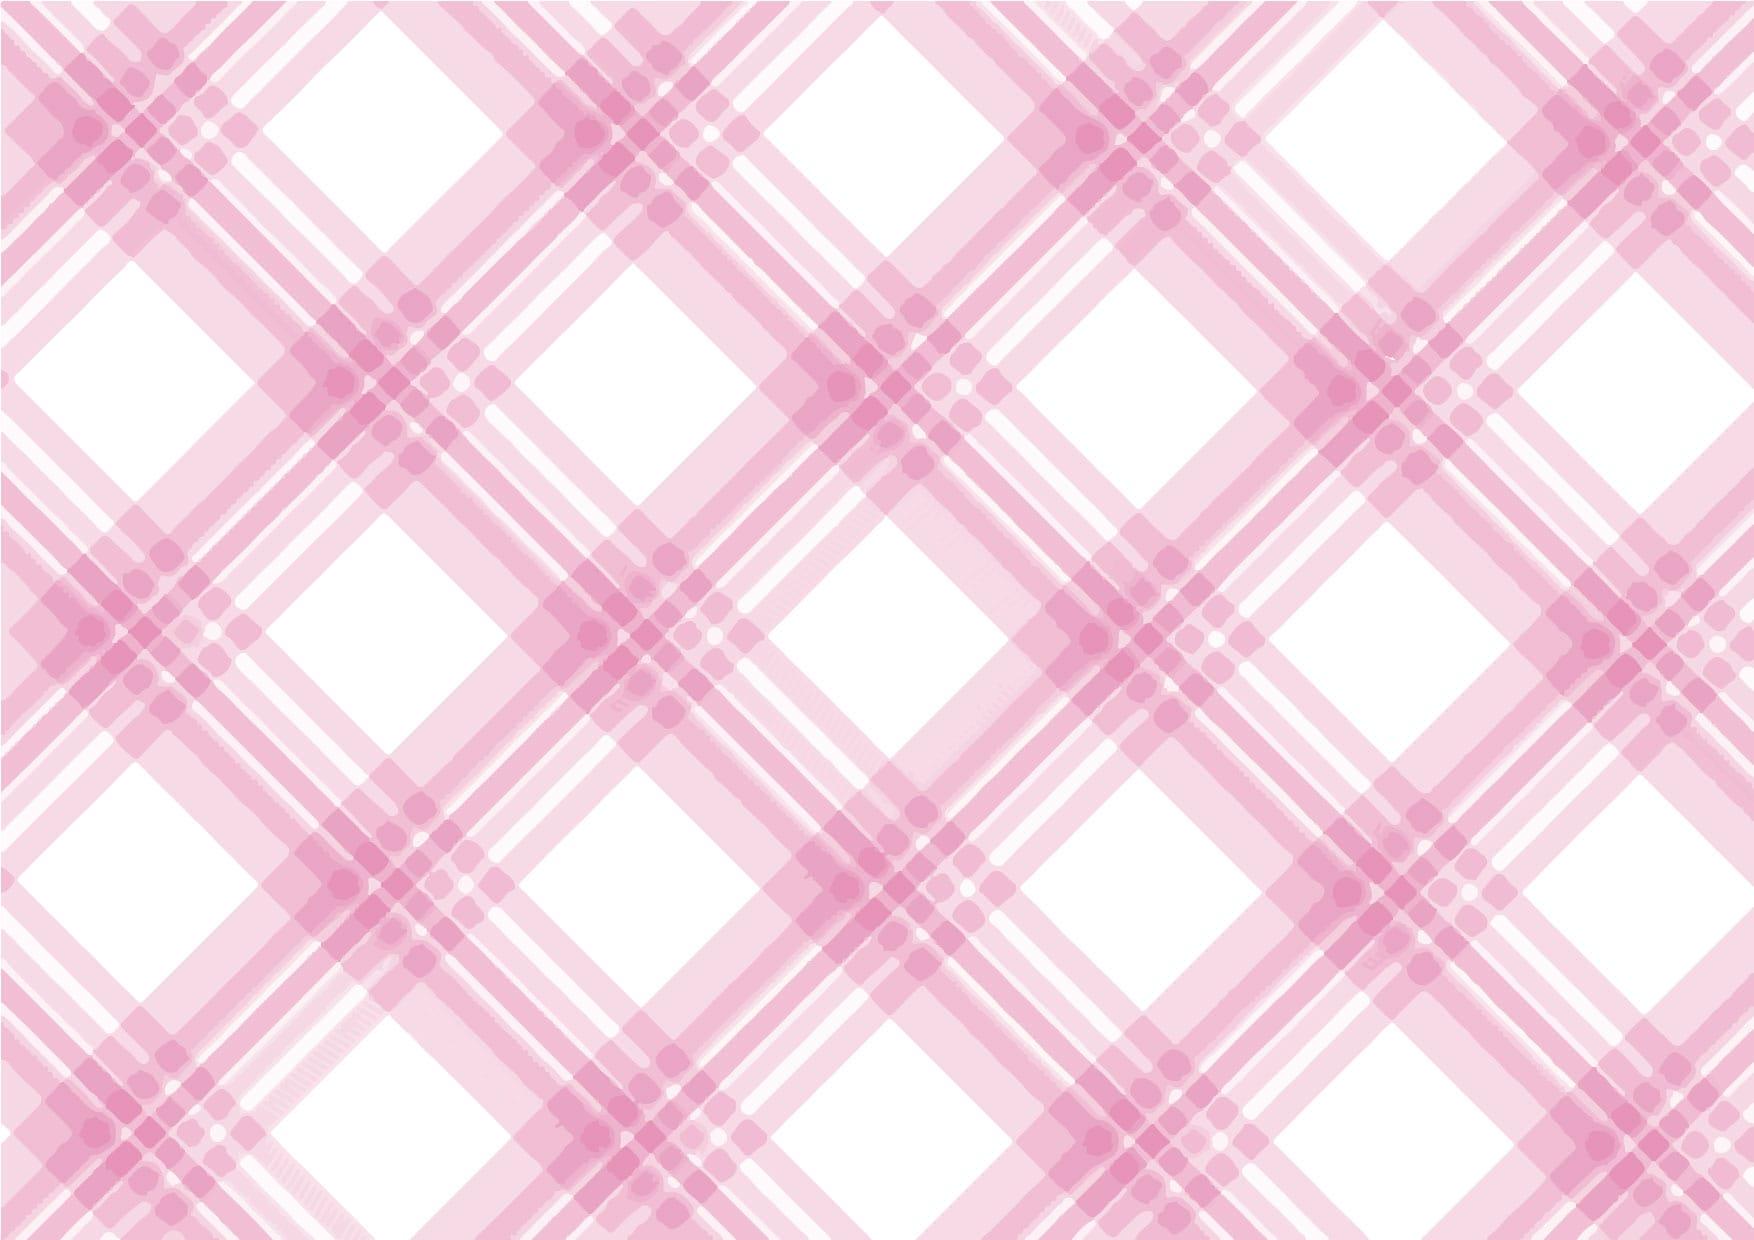 可愛いイラスト無料|手書き チェック柄 ピンク色 背景2 − free illustration  Handwritten check pattern pink background